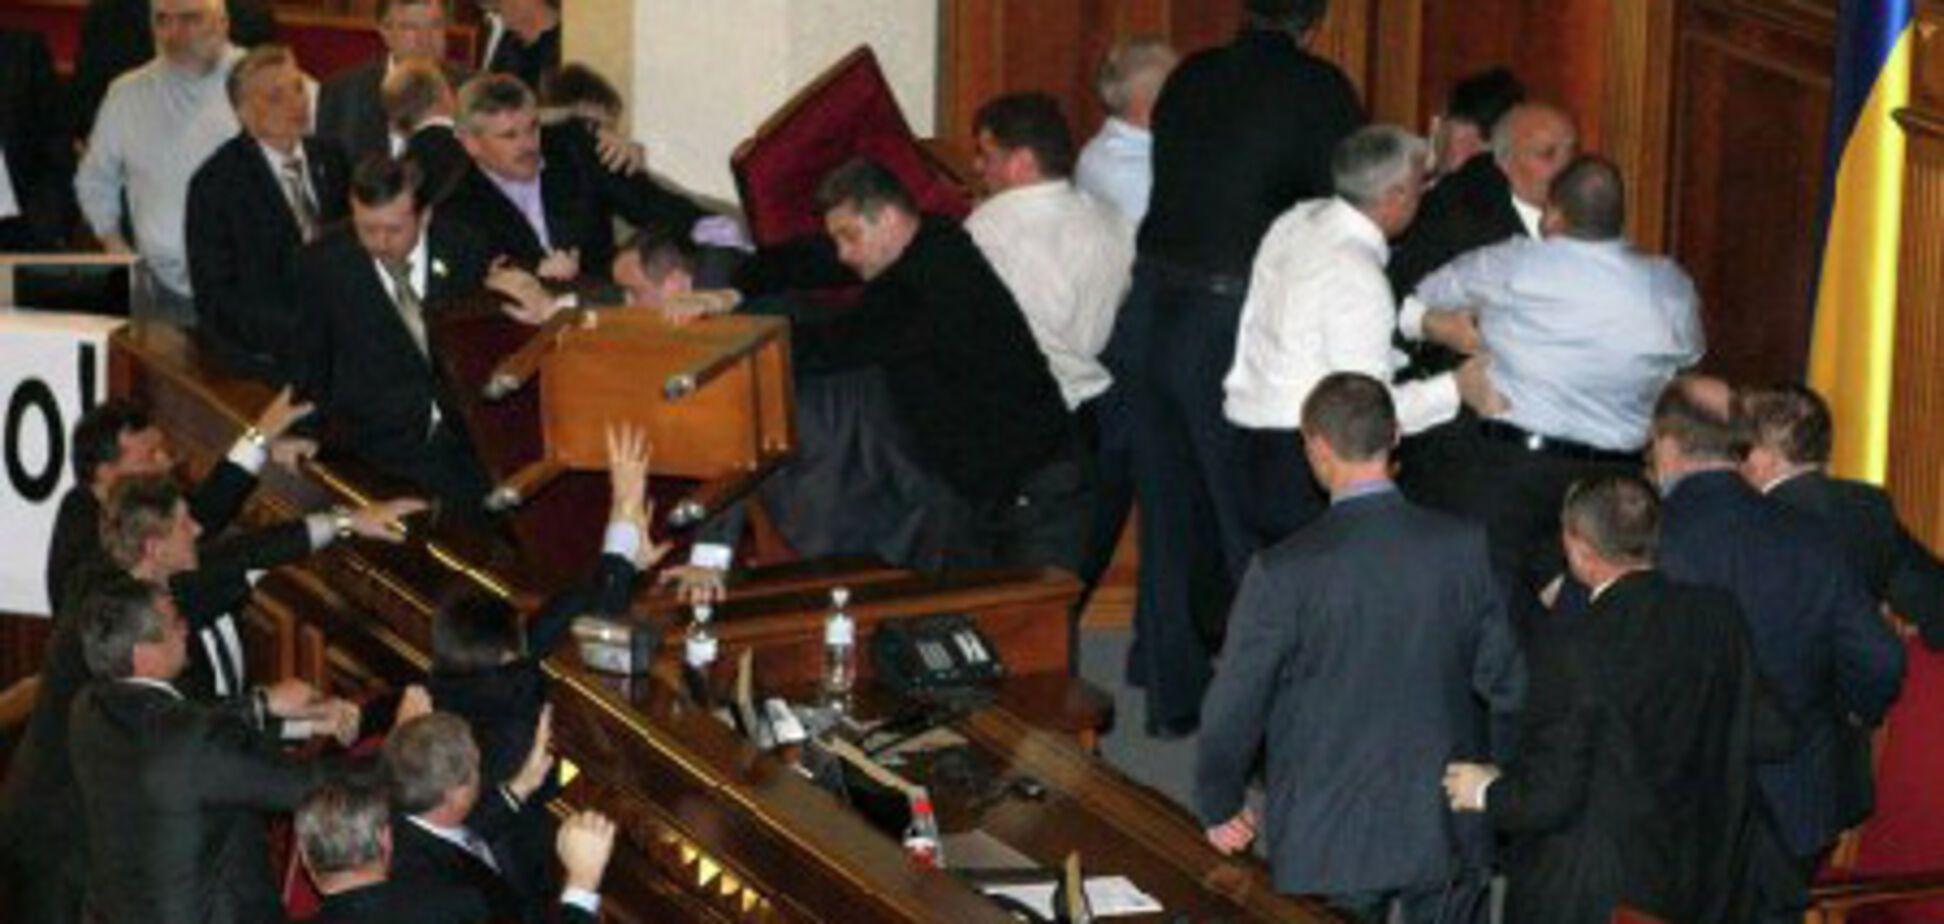 Бійка в парламенті - початок побиття Партії регіонів